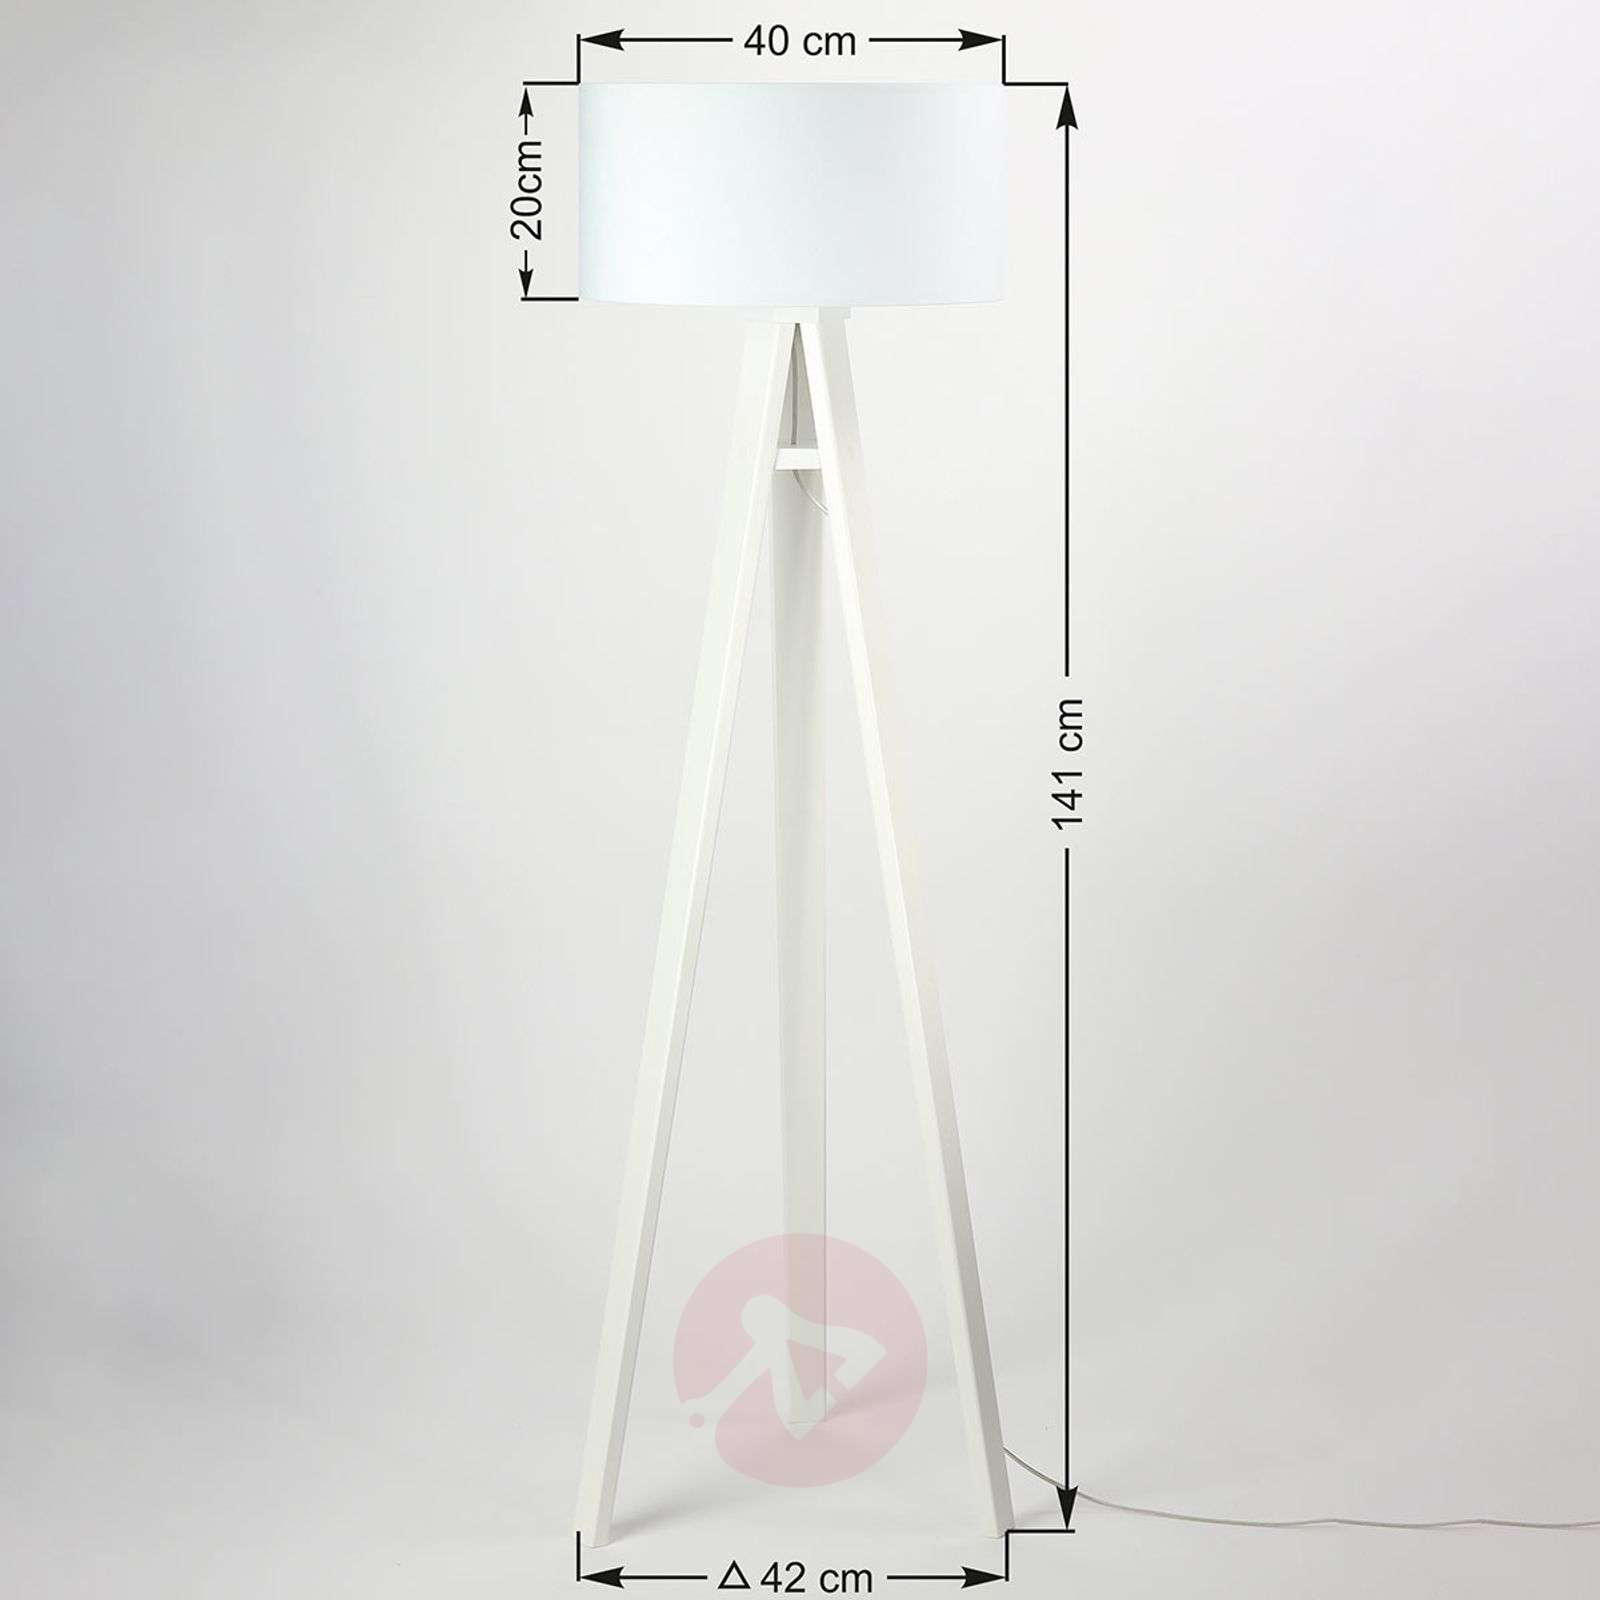 Kolmijalkainen puinen lattiavalaisin Marlon-6728092-01